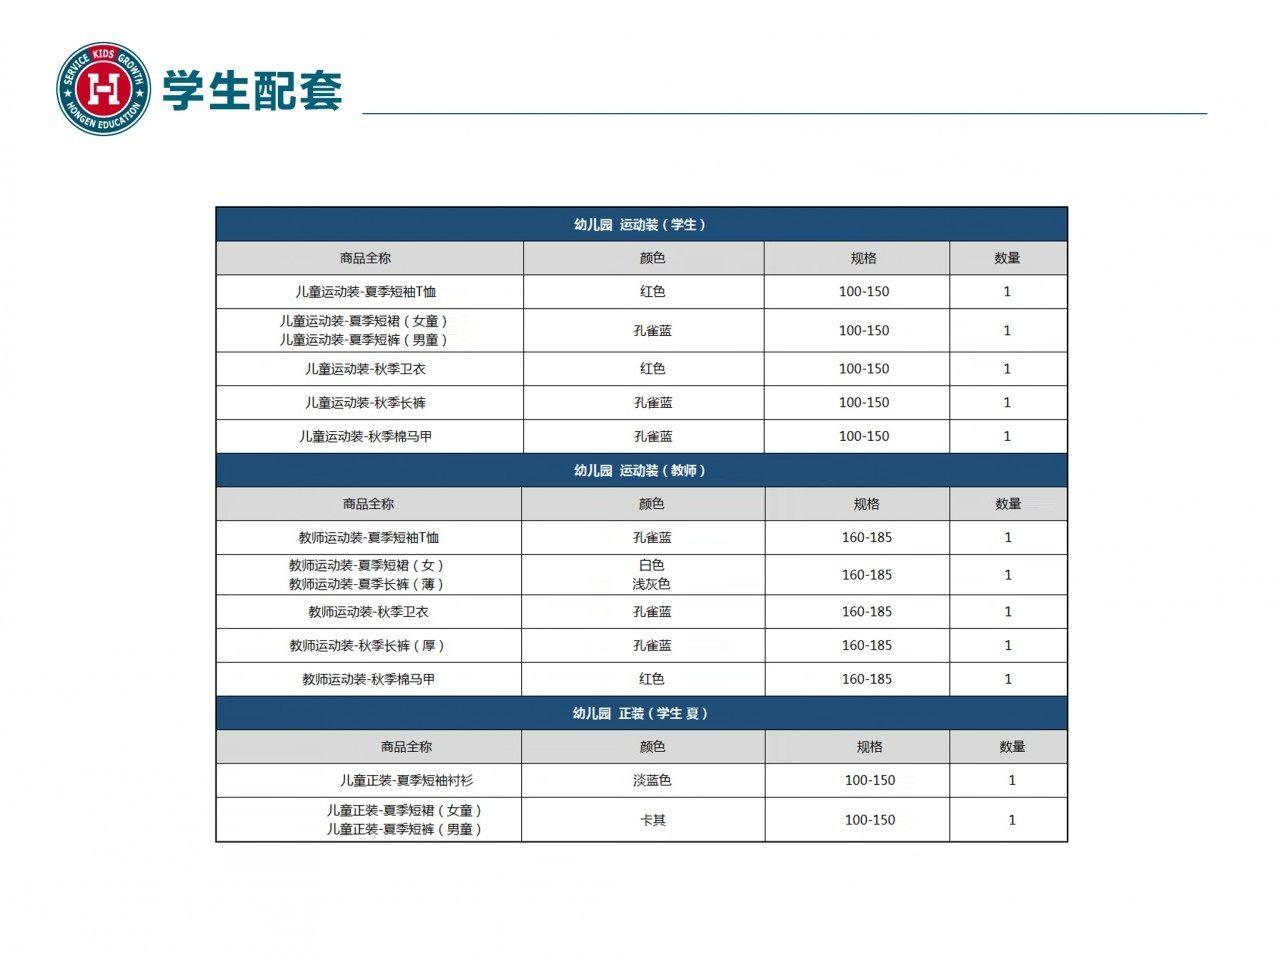 学生配套-产品目录-1280x960 (删除价格)1